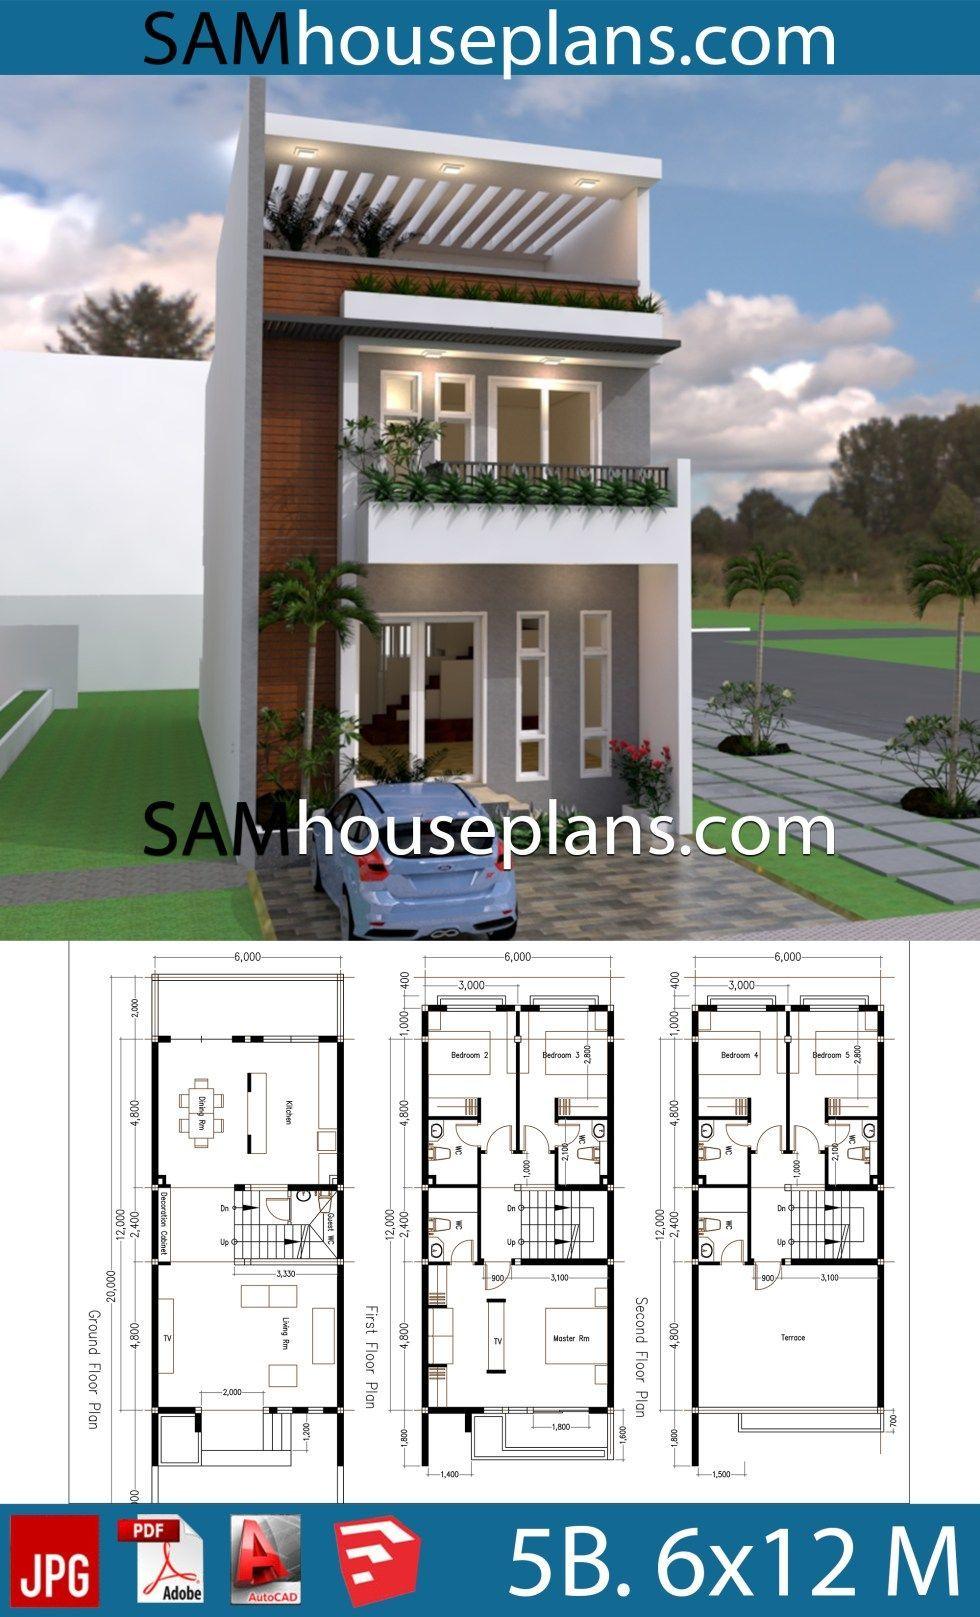 House Plans 6x20 With 5 Bedrooms Sam House Plans 6x20 Bedrooms House Plans Sam Casas Multifamiliares Planos De Casas Medidas Planos Para Construir Casas